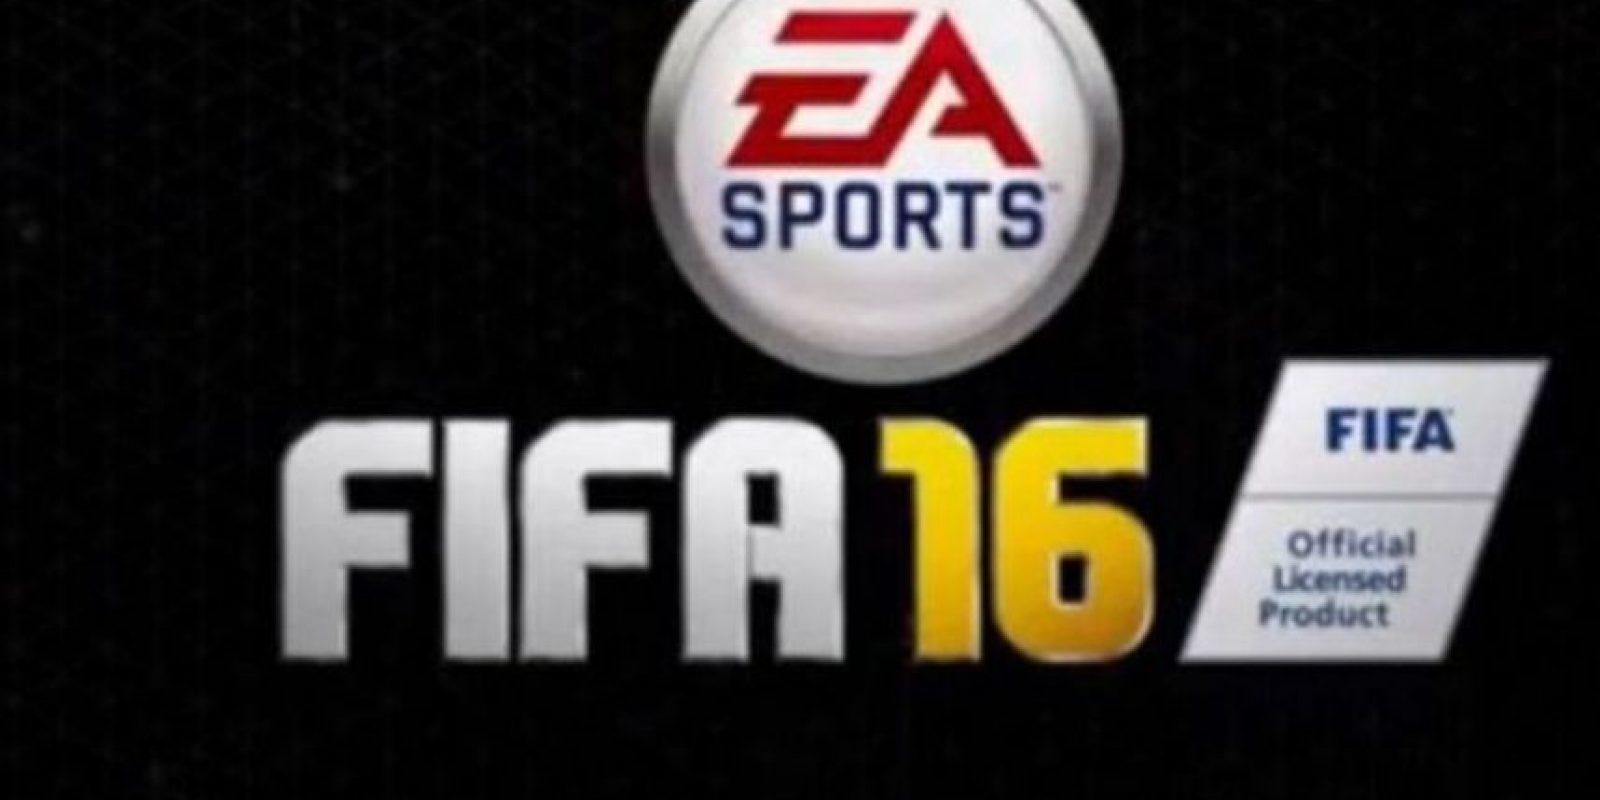 Ya está a la venta en todo el mundo para Xbox One, Xbox 360, PS4, PS3 y PC. Foto:EA Sports